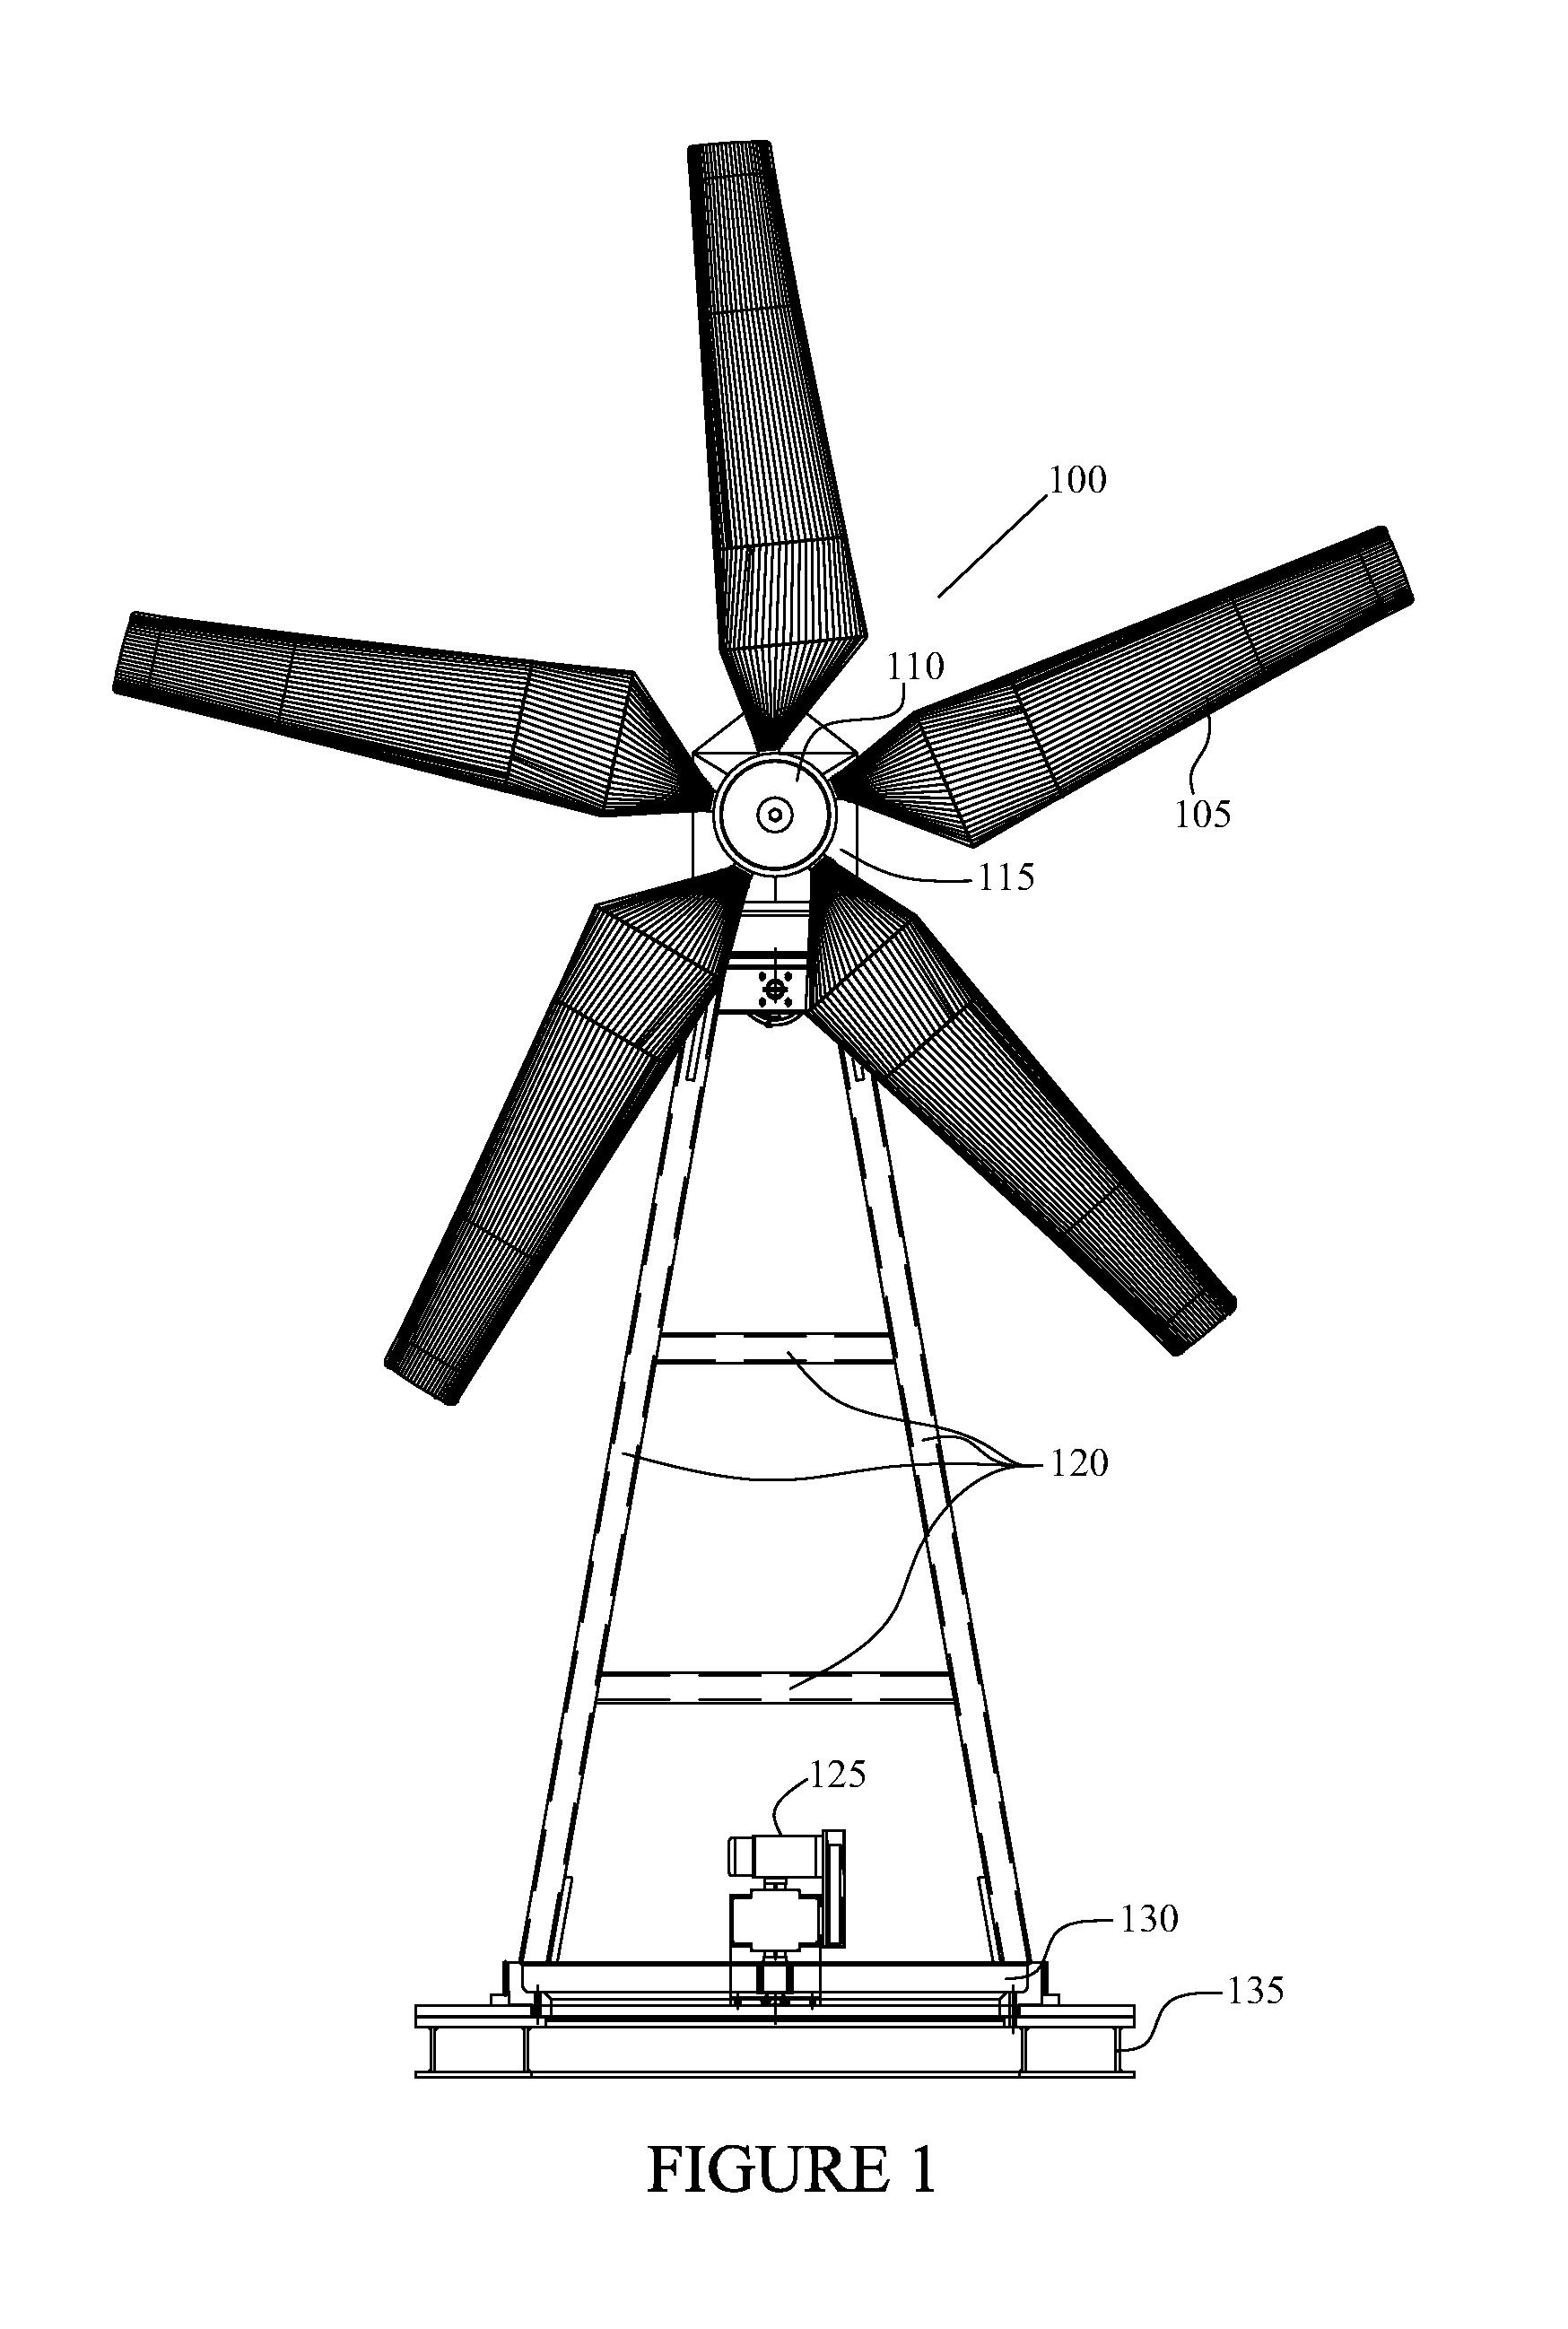 Drawn windmill modern Turbine control with yaw Shrouded